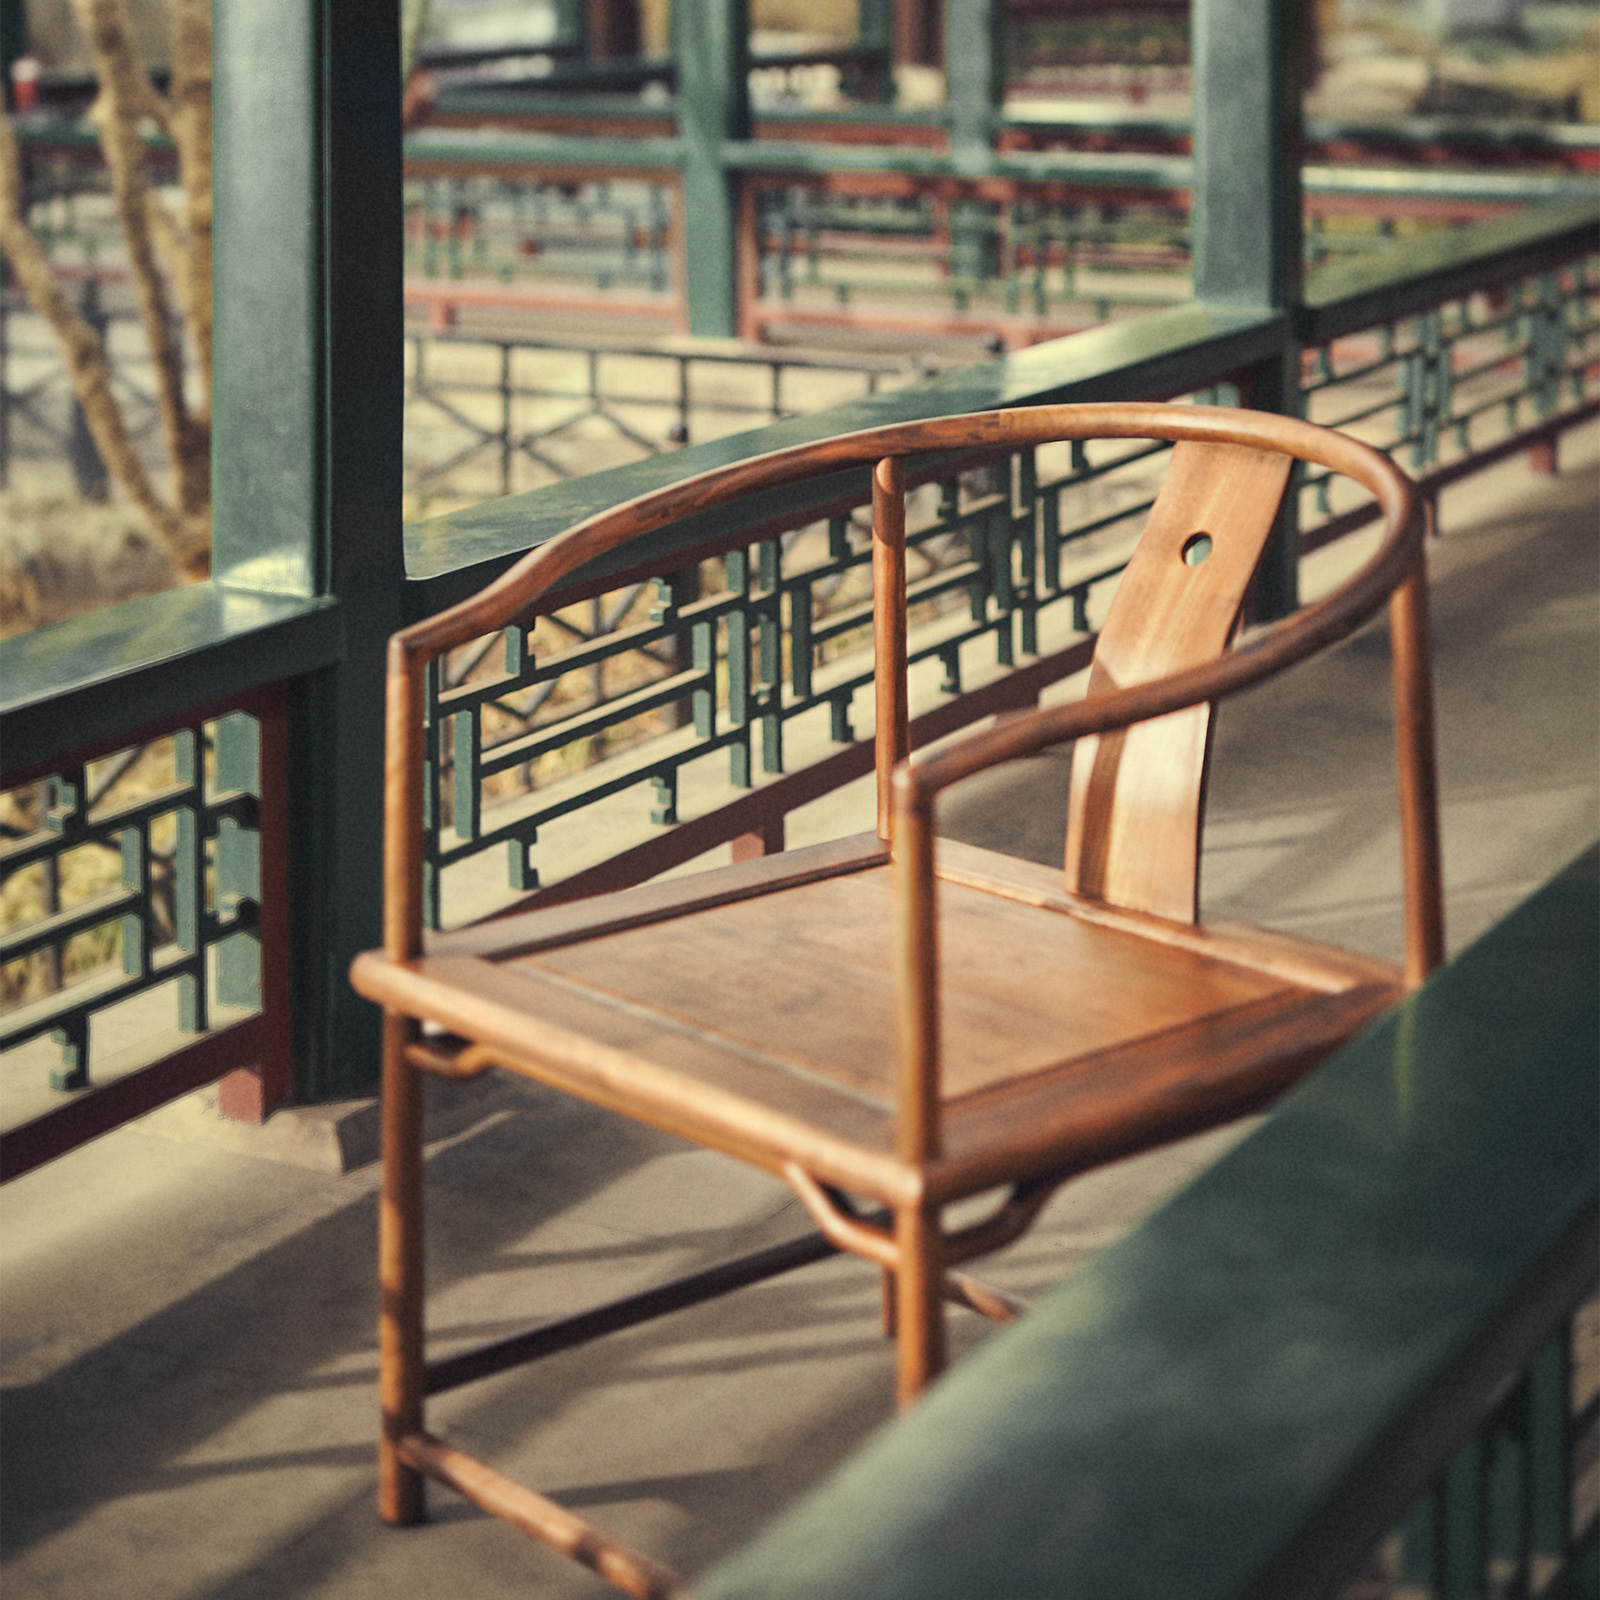 璞木禅意新中式圈椅休闲椅免漆老榆木实木复古椅子黑胡桃仿古家具